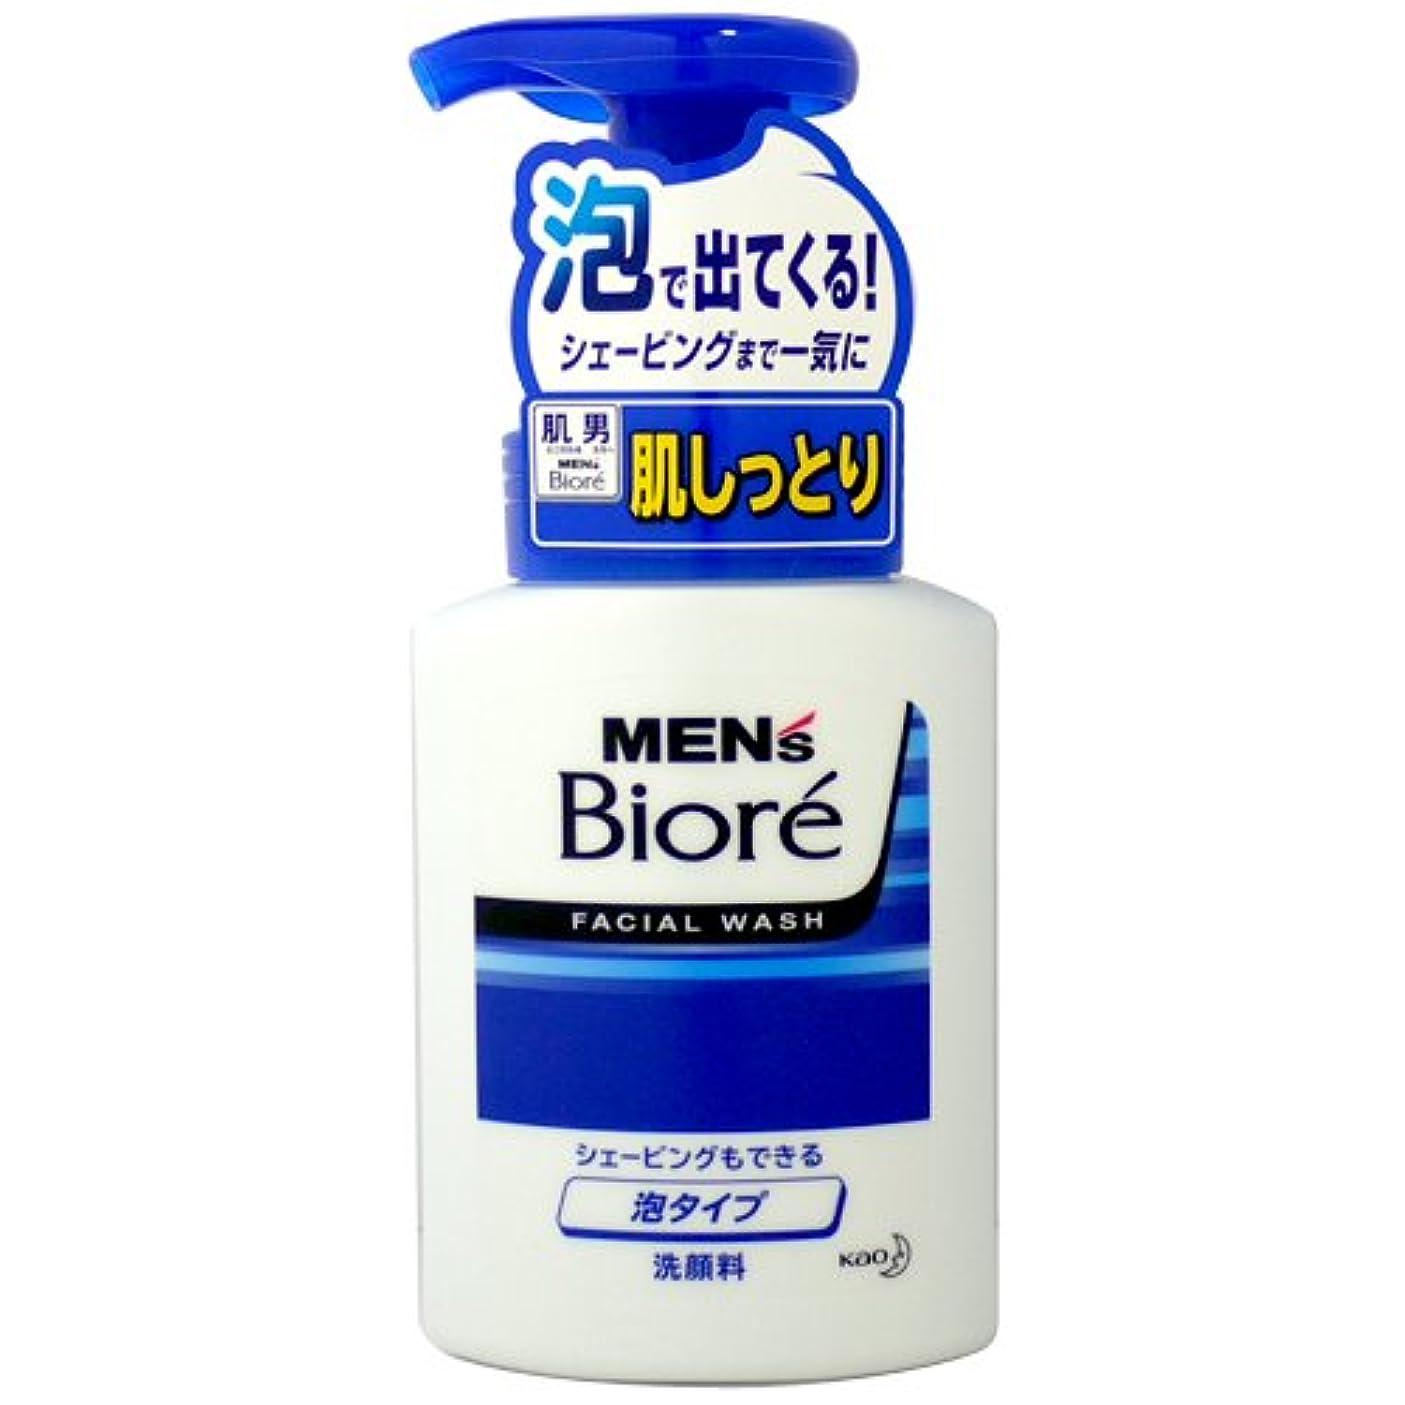 二年生規範解き明かす【花王】メンズビオレ 泡タイプ洗顔 150ml